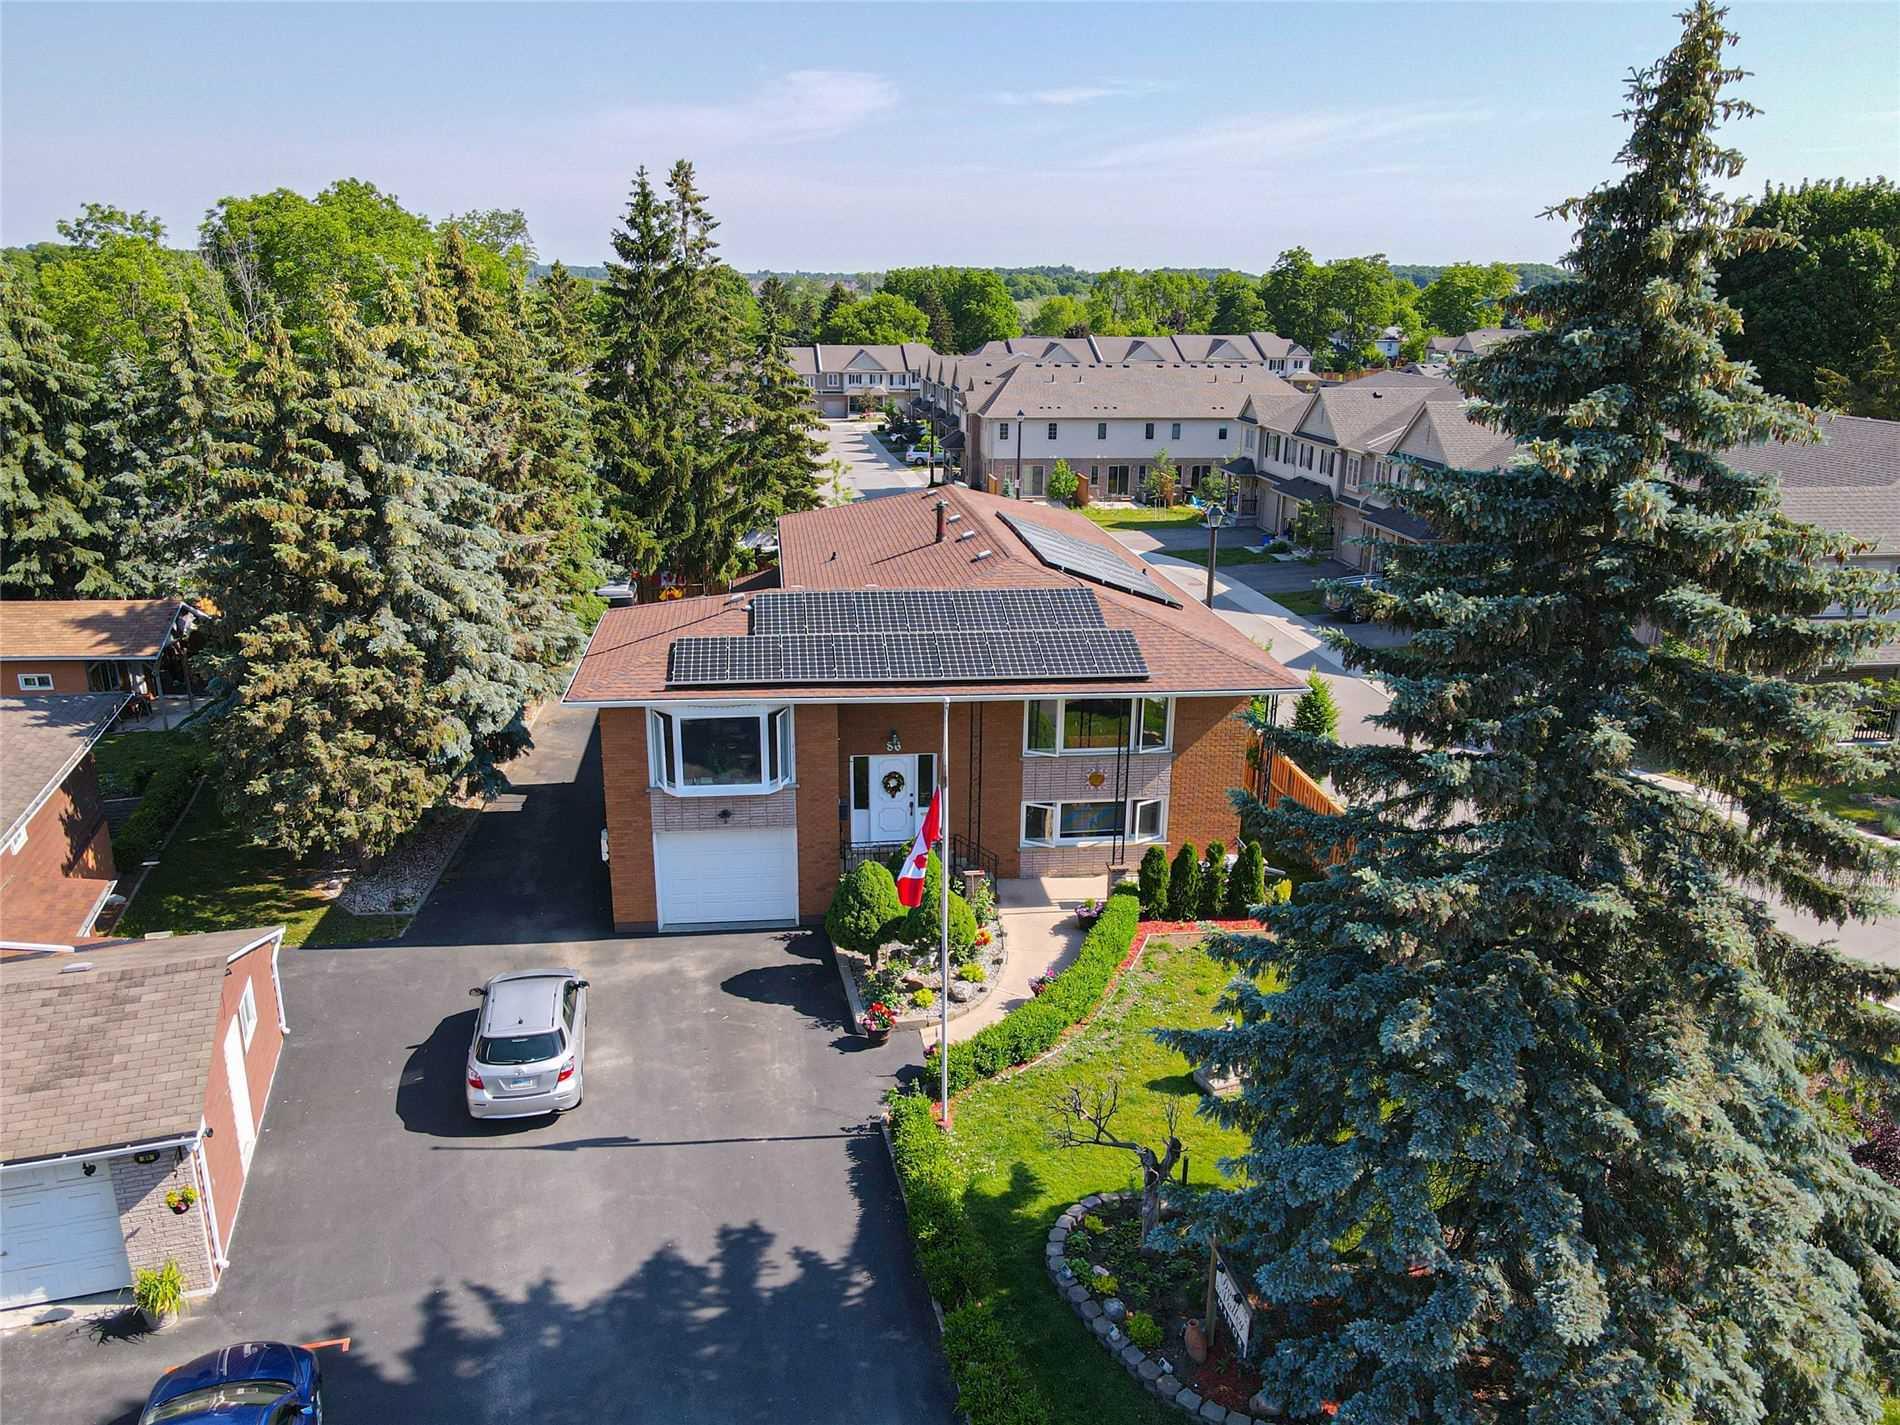 86 Doon Valley Dr, Kitchener, Ontario N2P1B2, 9 Bedrooms Bedrooms, ,4 BathroomsBathrooms,Multiplex,For Sale,Doon Valley,X5273575